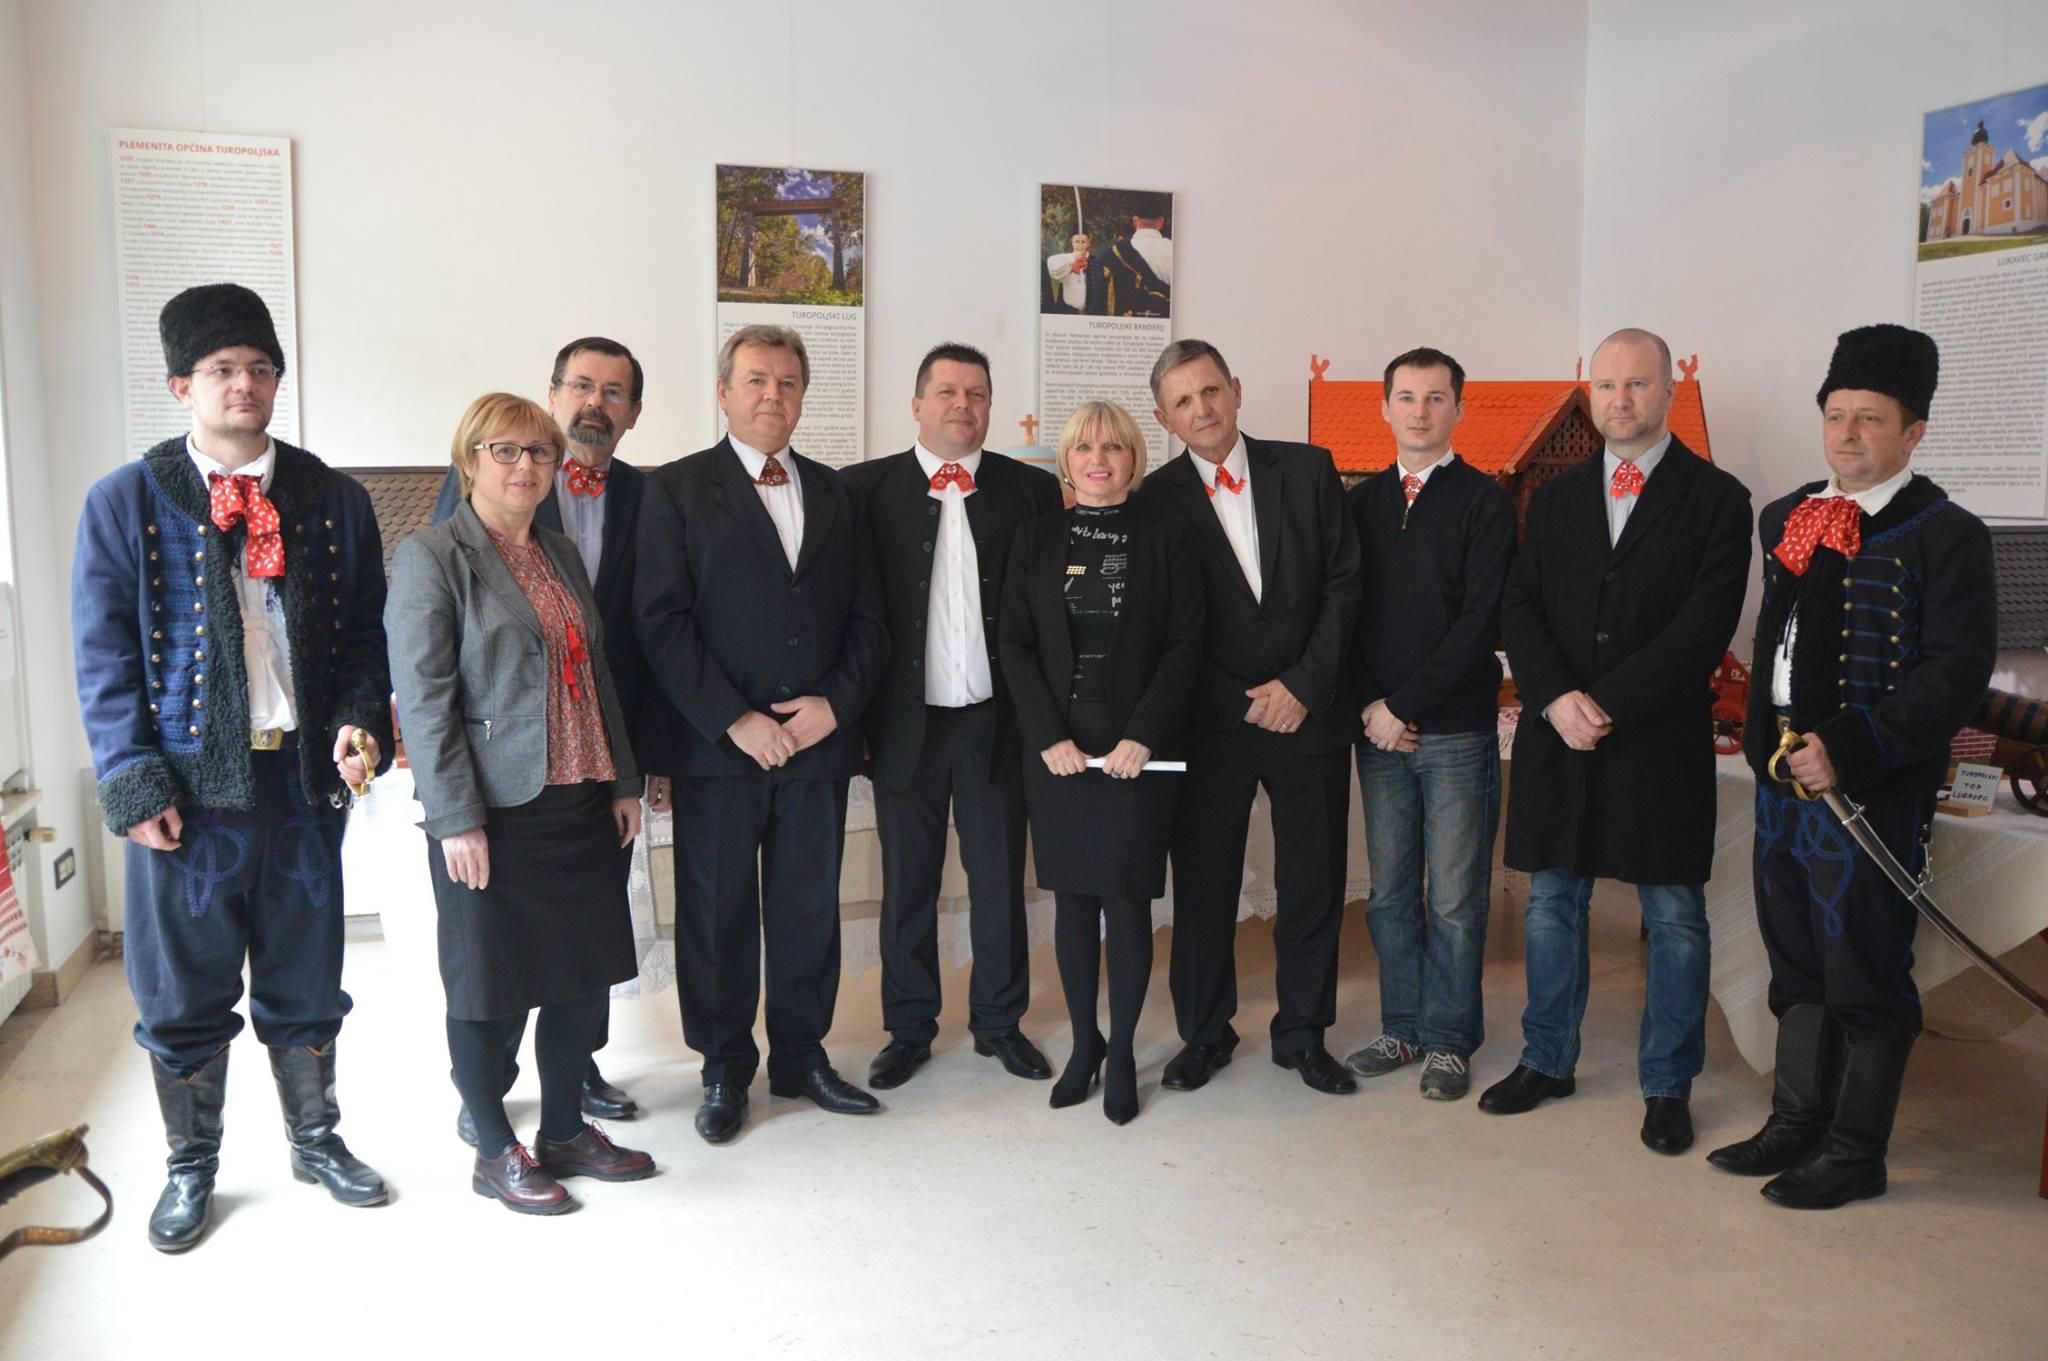 Plemenita opčina se predstavlja u Turističkoj zajednici Zagrebačke županije